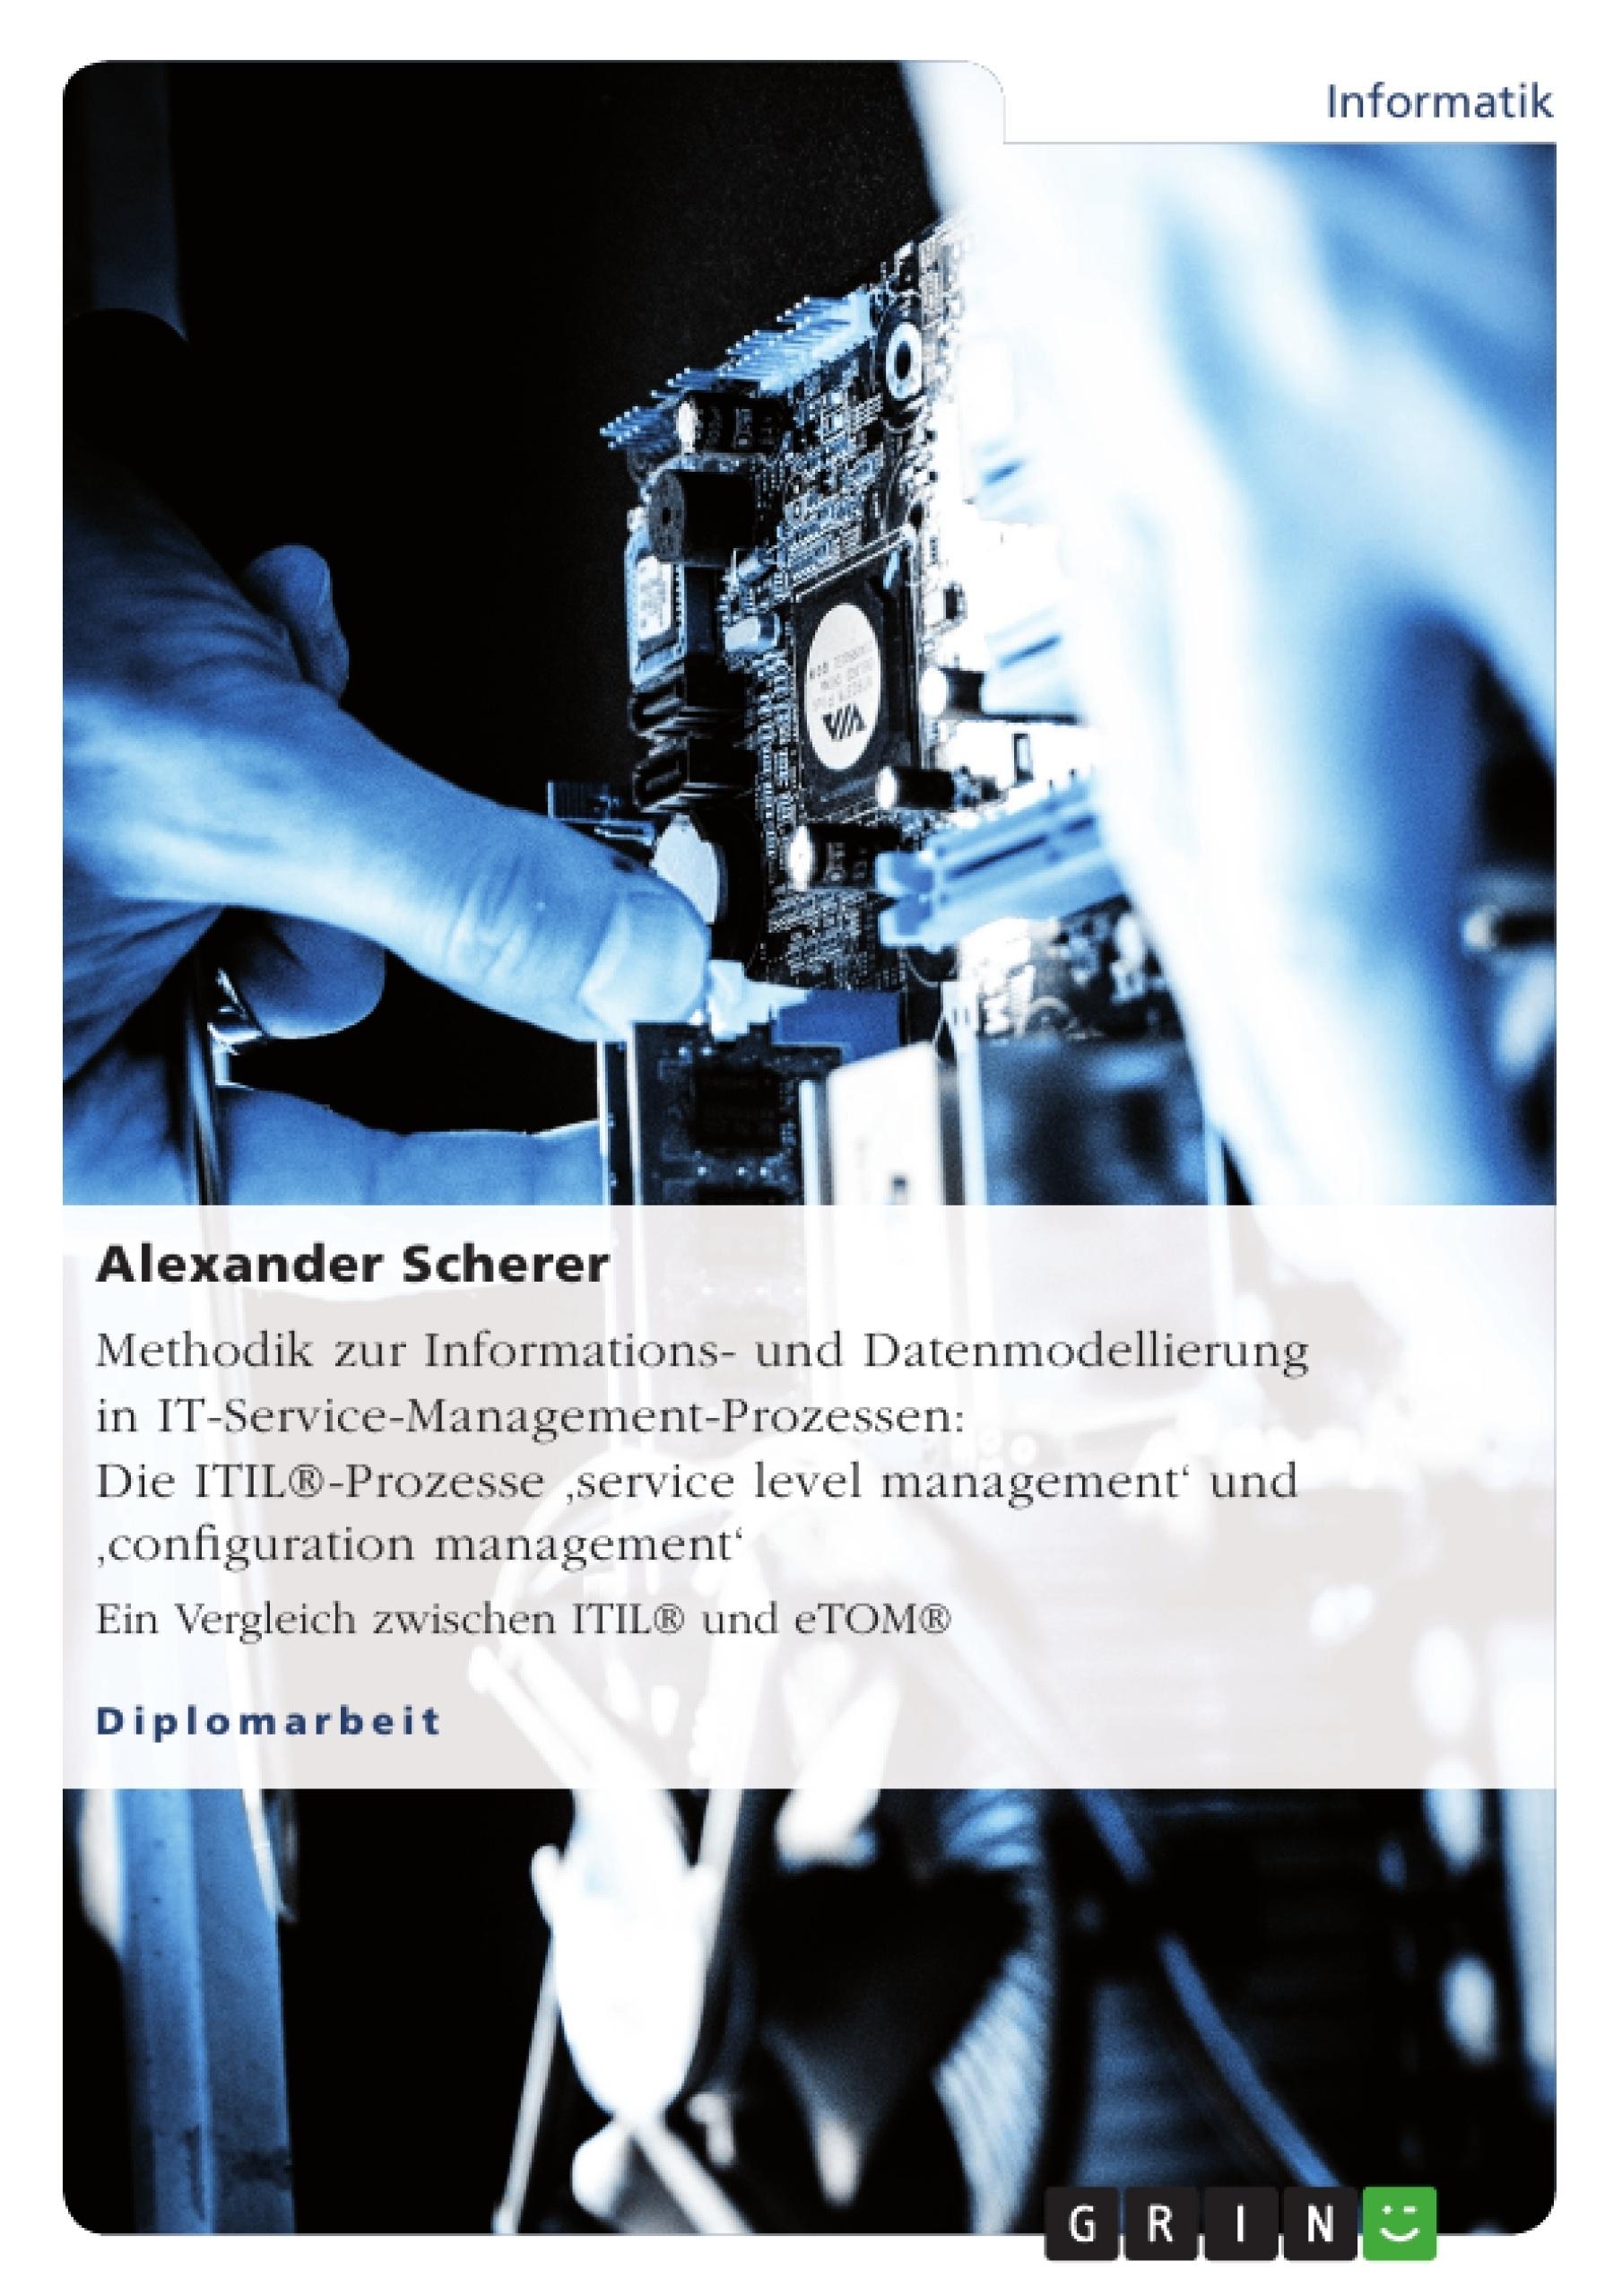 Titel: Methodik zur Informations- und Datenmodellierung in IT-Service-Management-Prozessen: Die ITIL®-Prozesse 'service  level management' und 'configuration management'